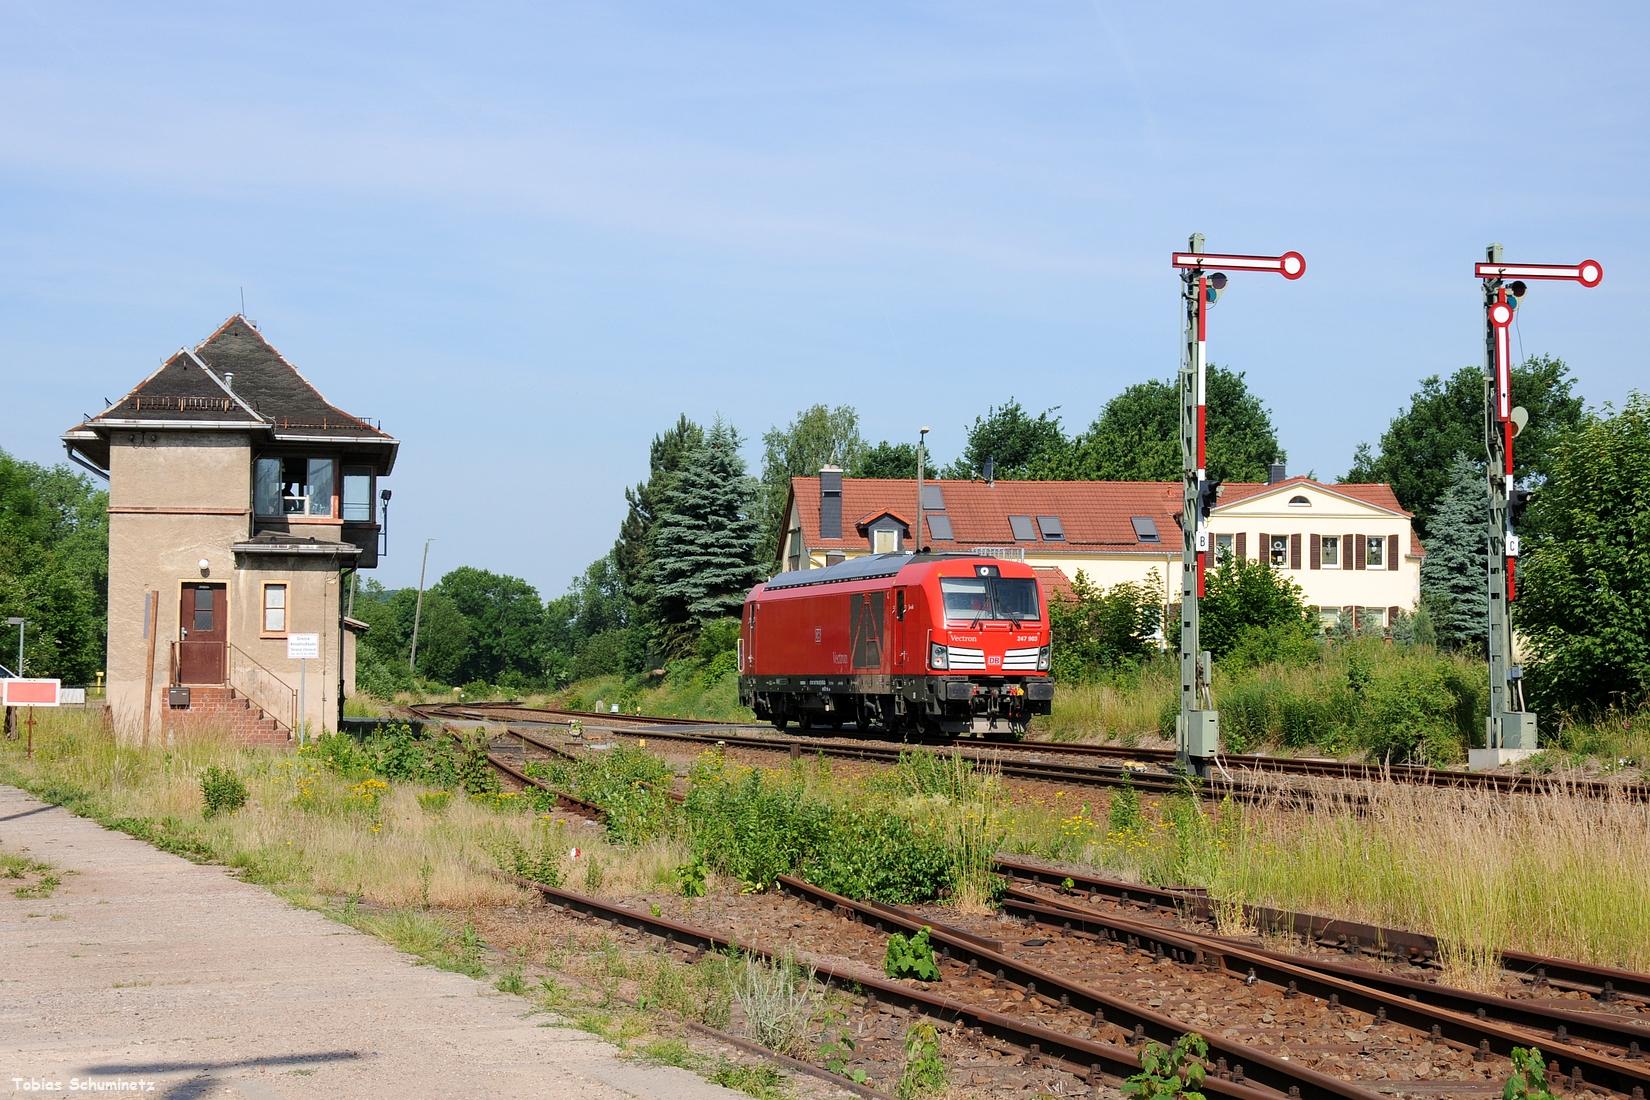 Da die Lok an der Einfahrt von Deutschenbora wieder auf den Fahrdienstleiter warten musste, war eine Vorfolgung kein Problem. Hier ist 247 903 bei der Einfahrt in den Bahnhof Deutschenbora.